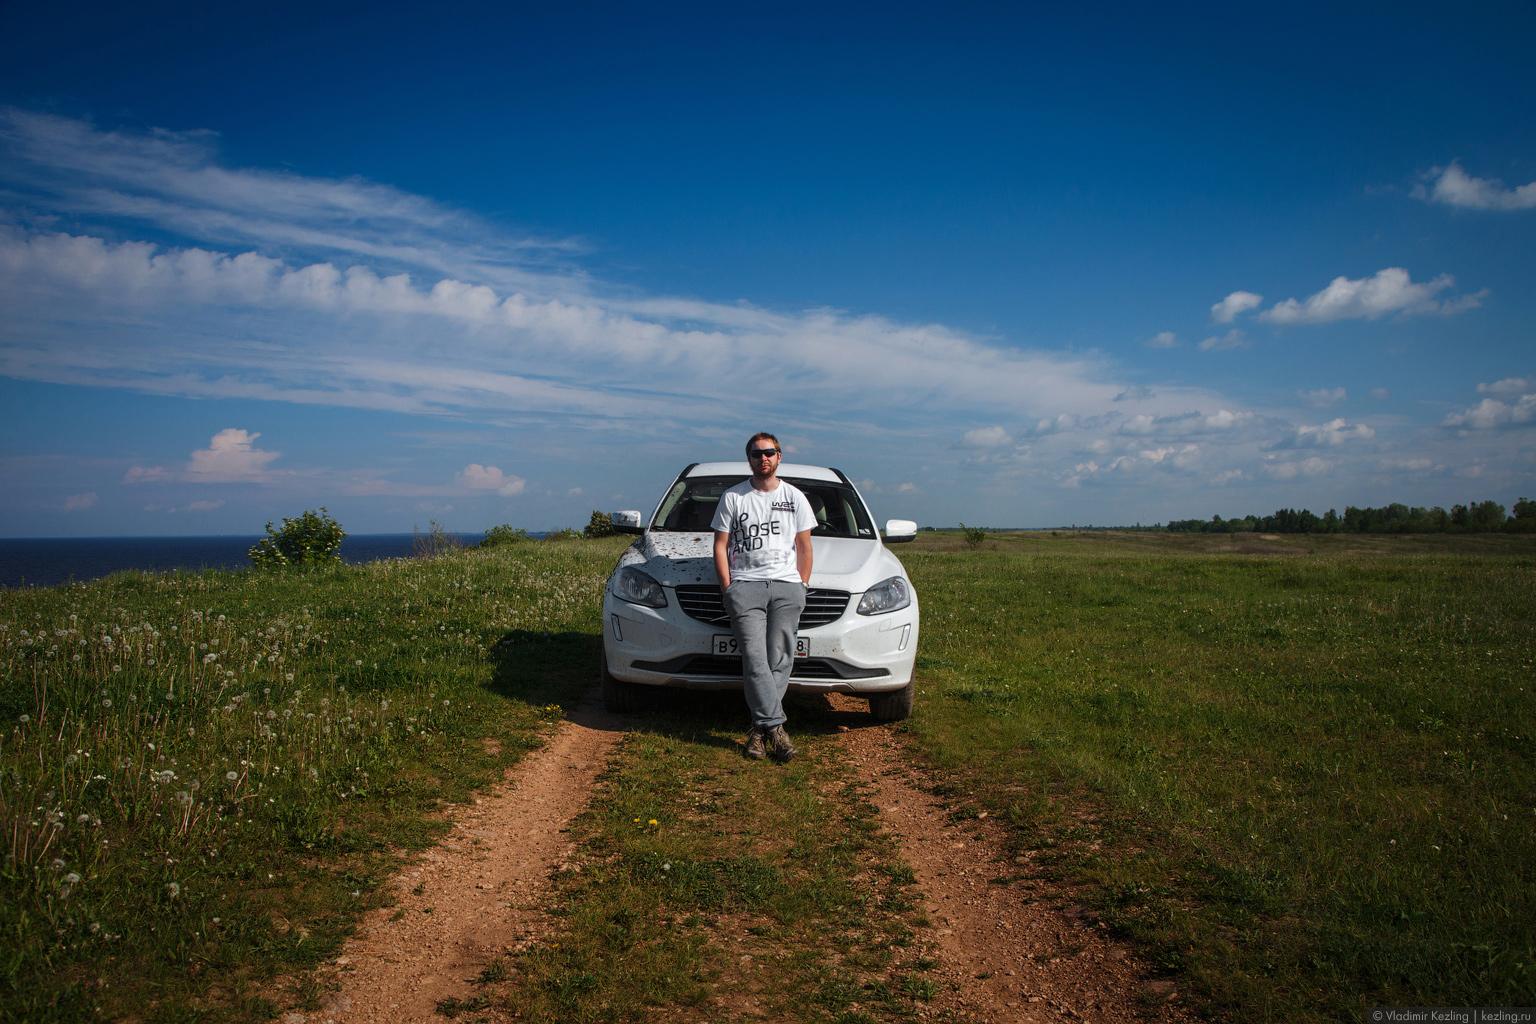 Города и веси Новгородчины. История про тех, кто не ищет лёгких путей